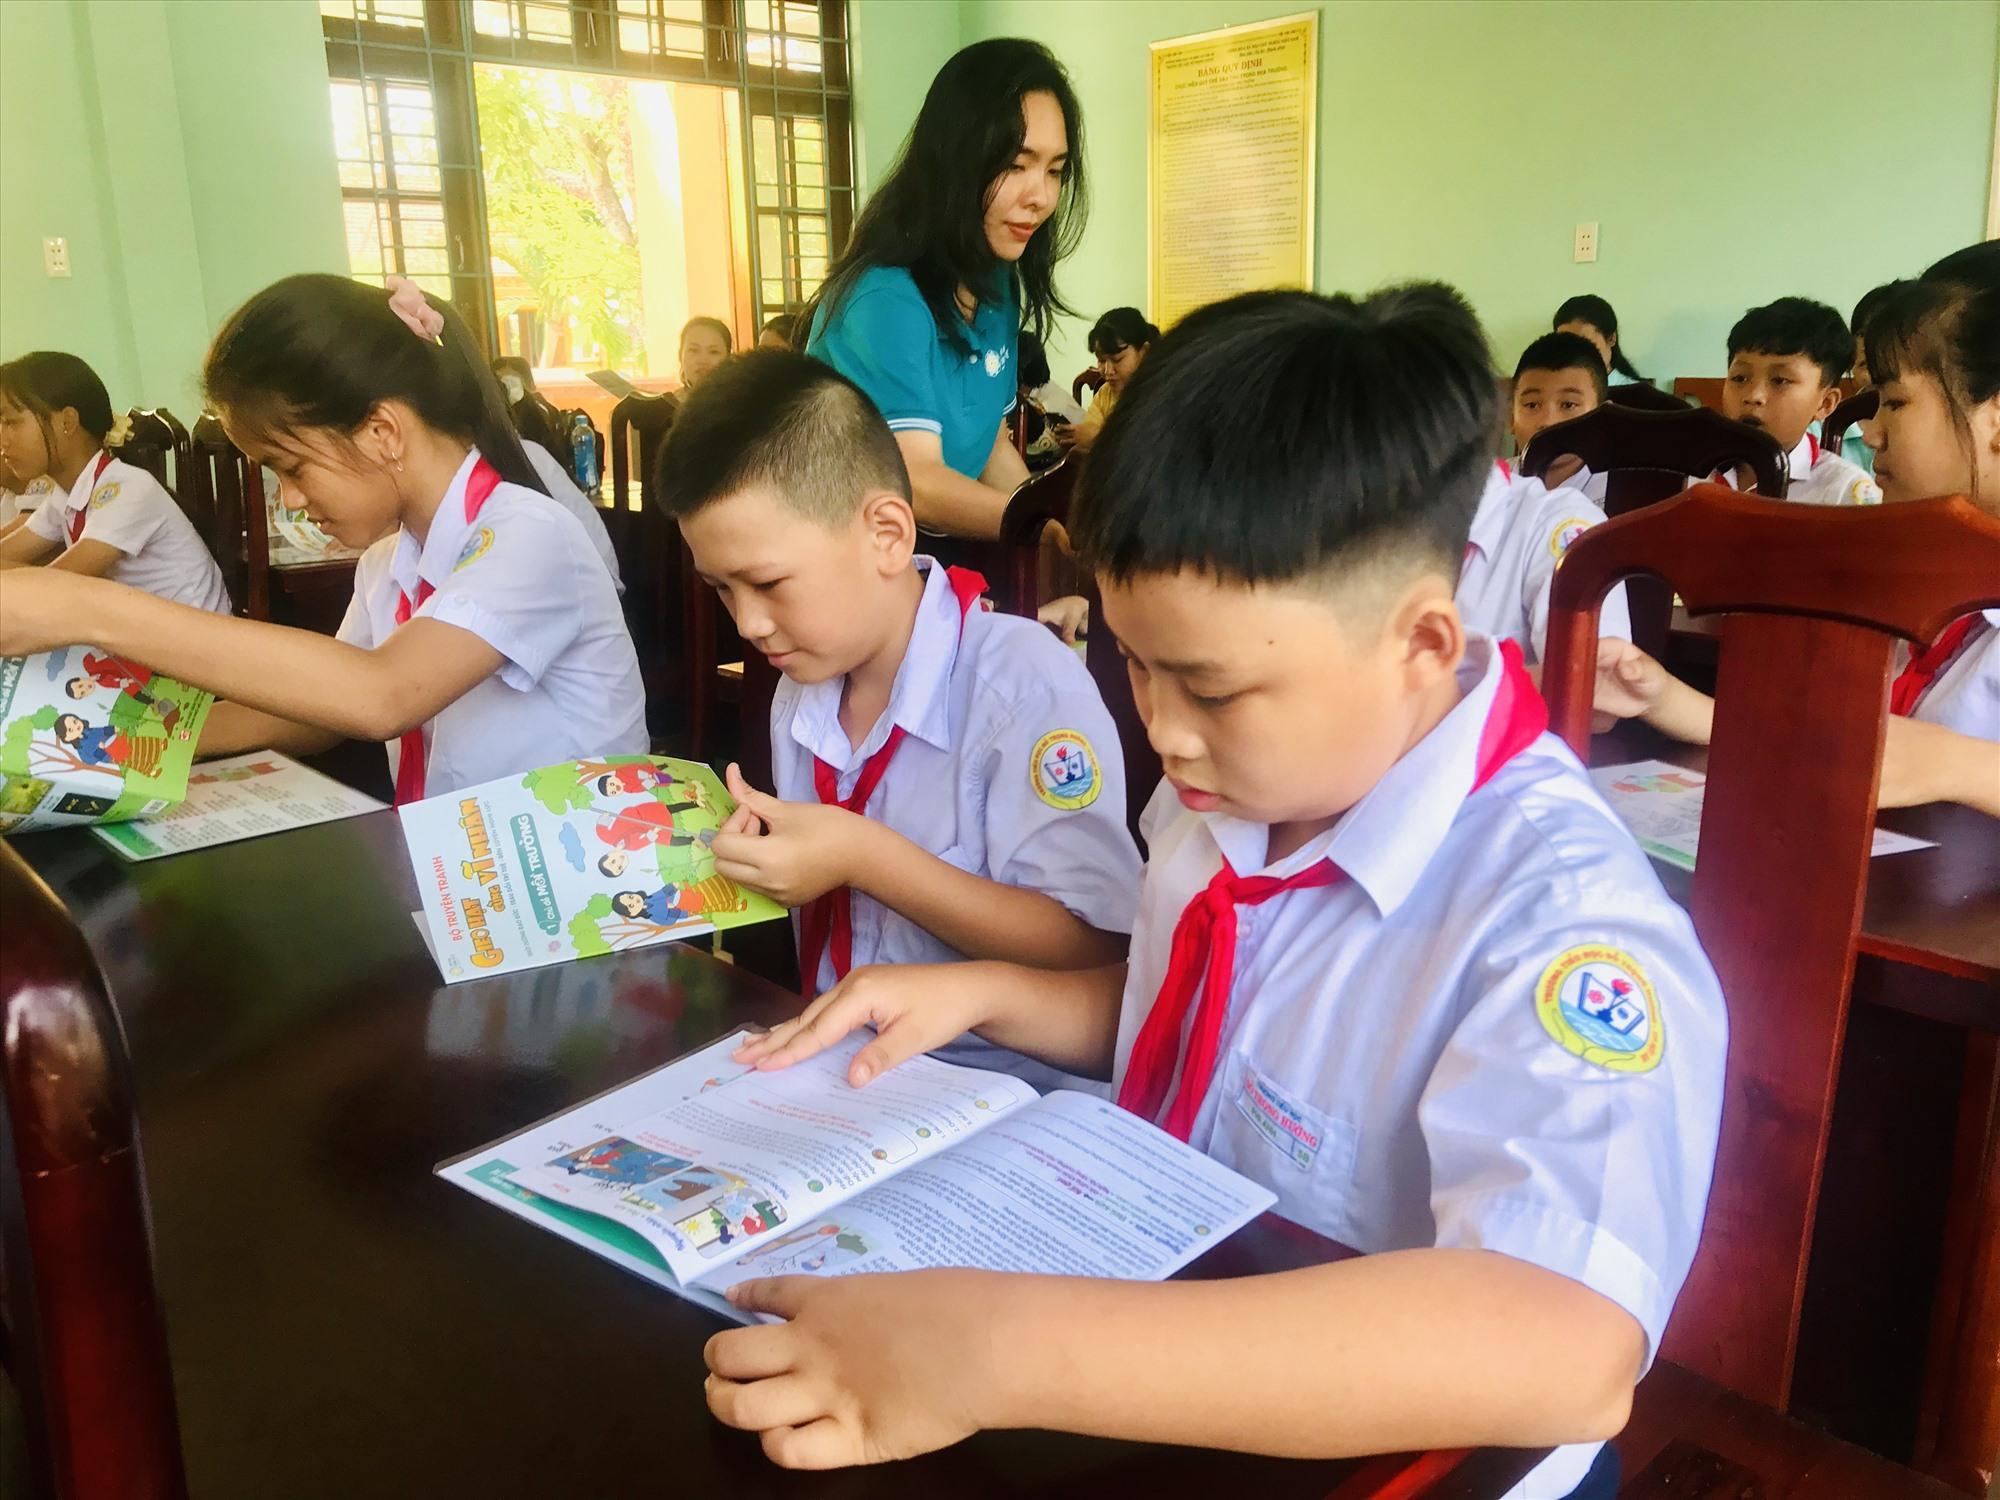 Học sinh đọc sách trong tiết đọc hạnh phúc. Ảnh: Q.T